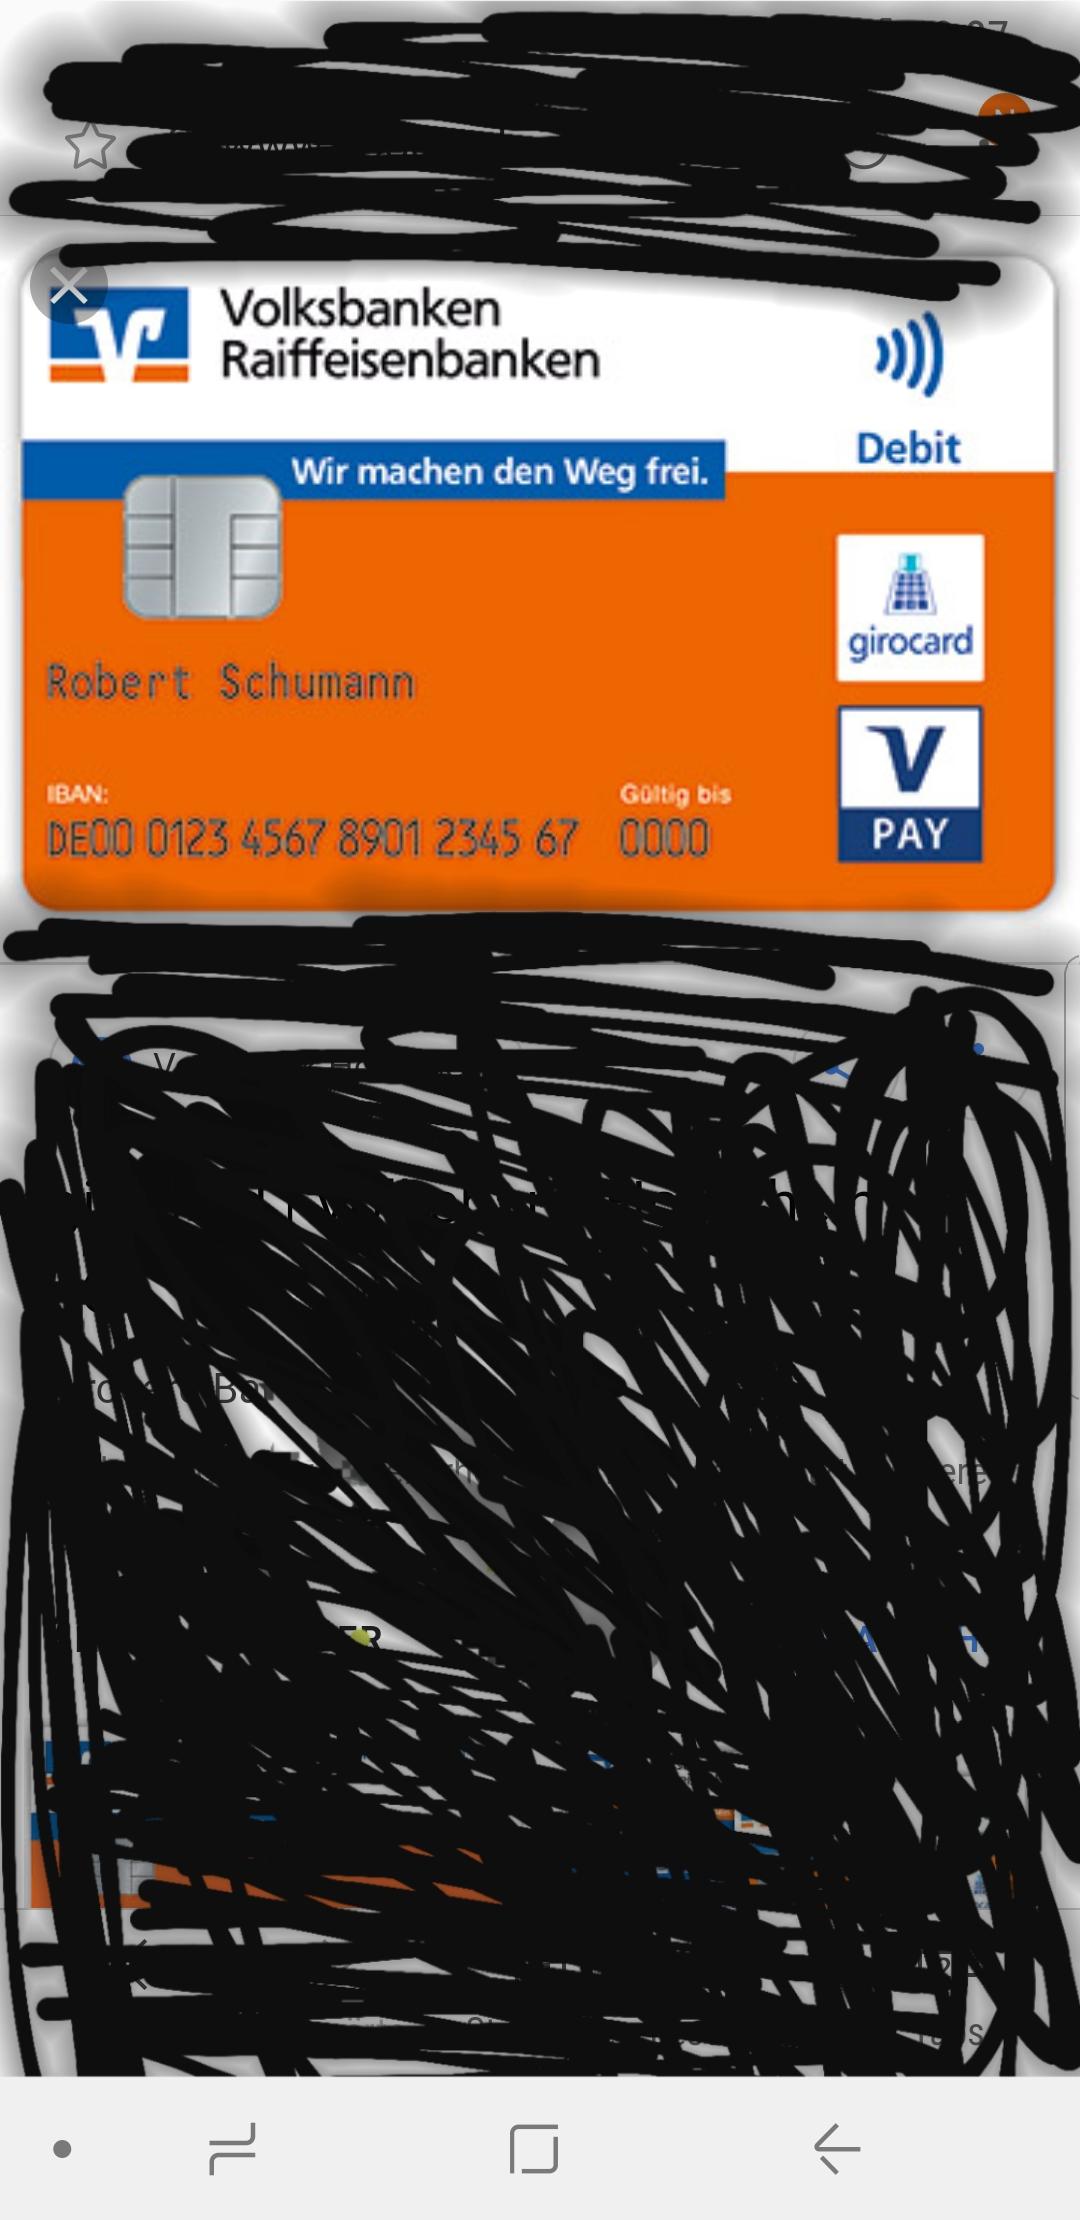 Kartennummer Volksbank Debit.Wo Steht Da Meine Kartennummer Bank Kreditkarte